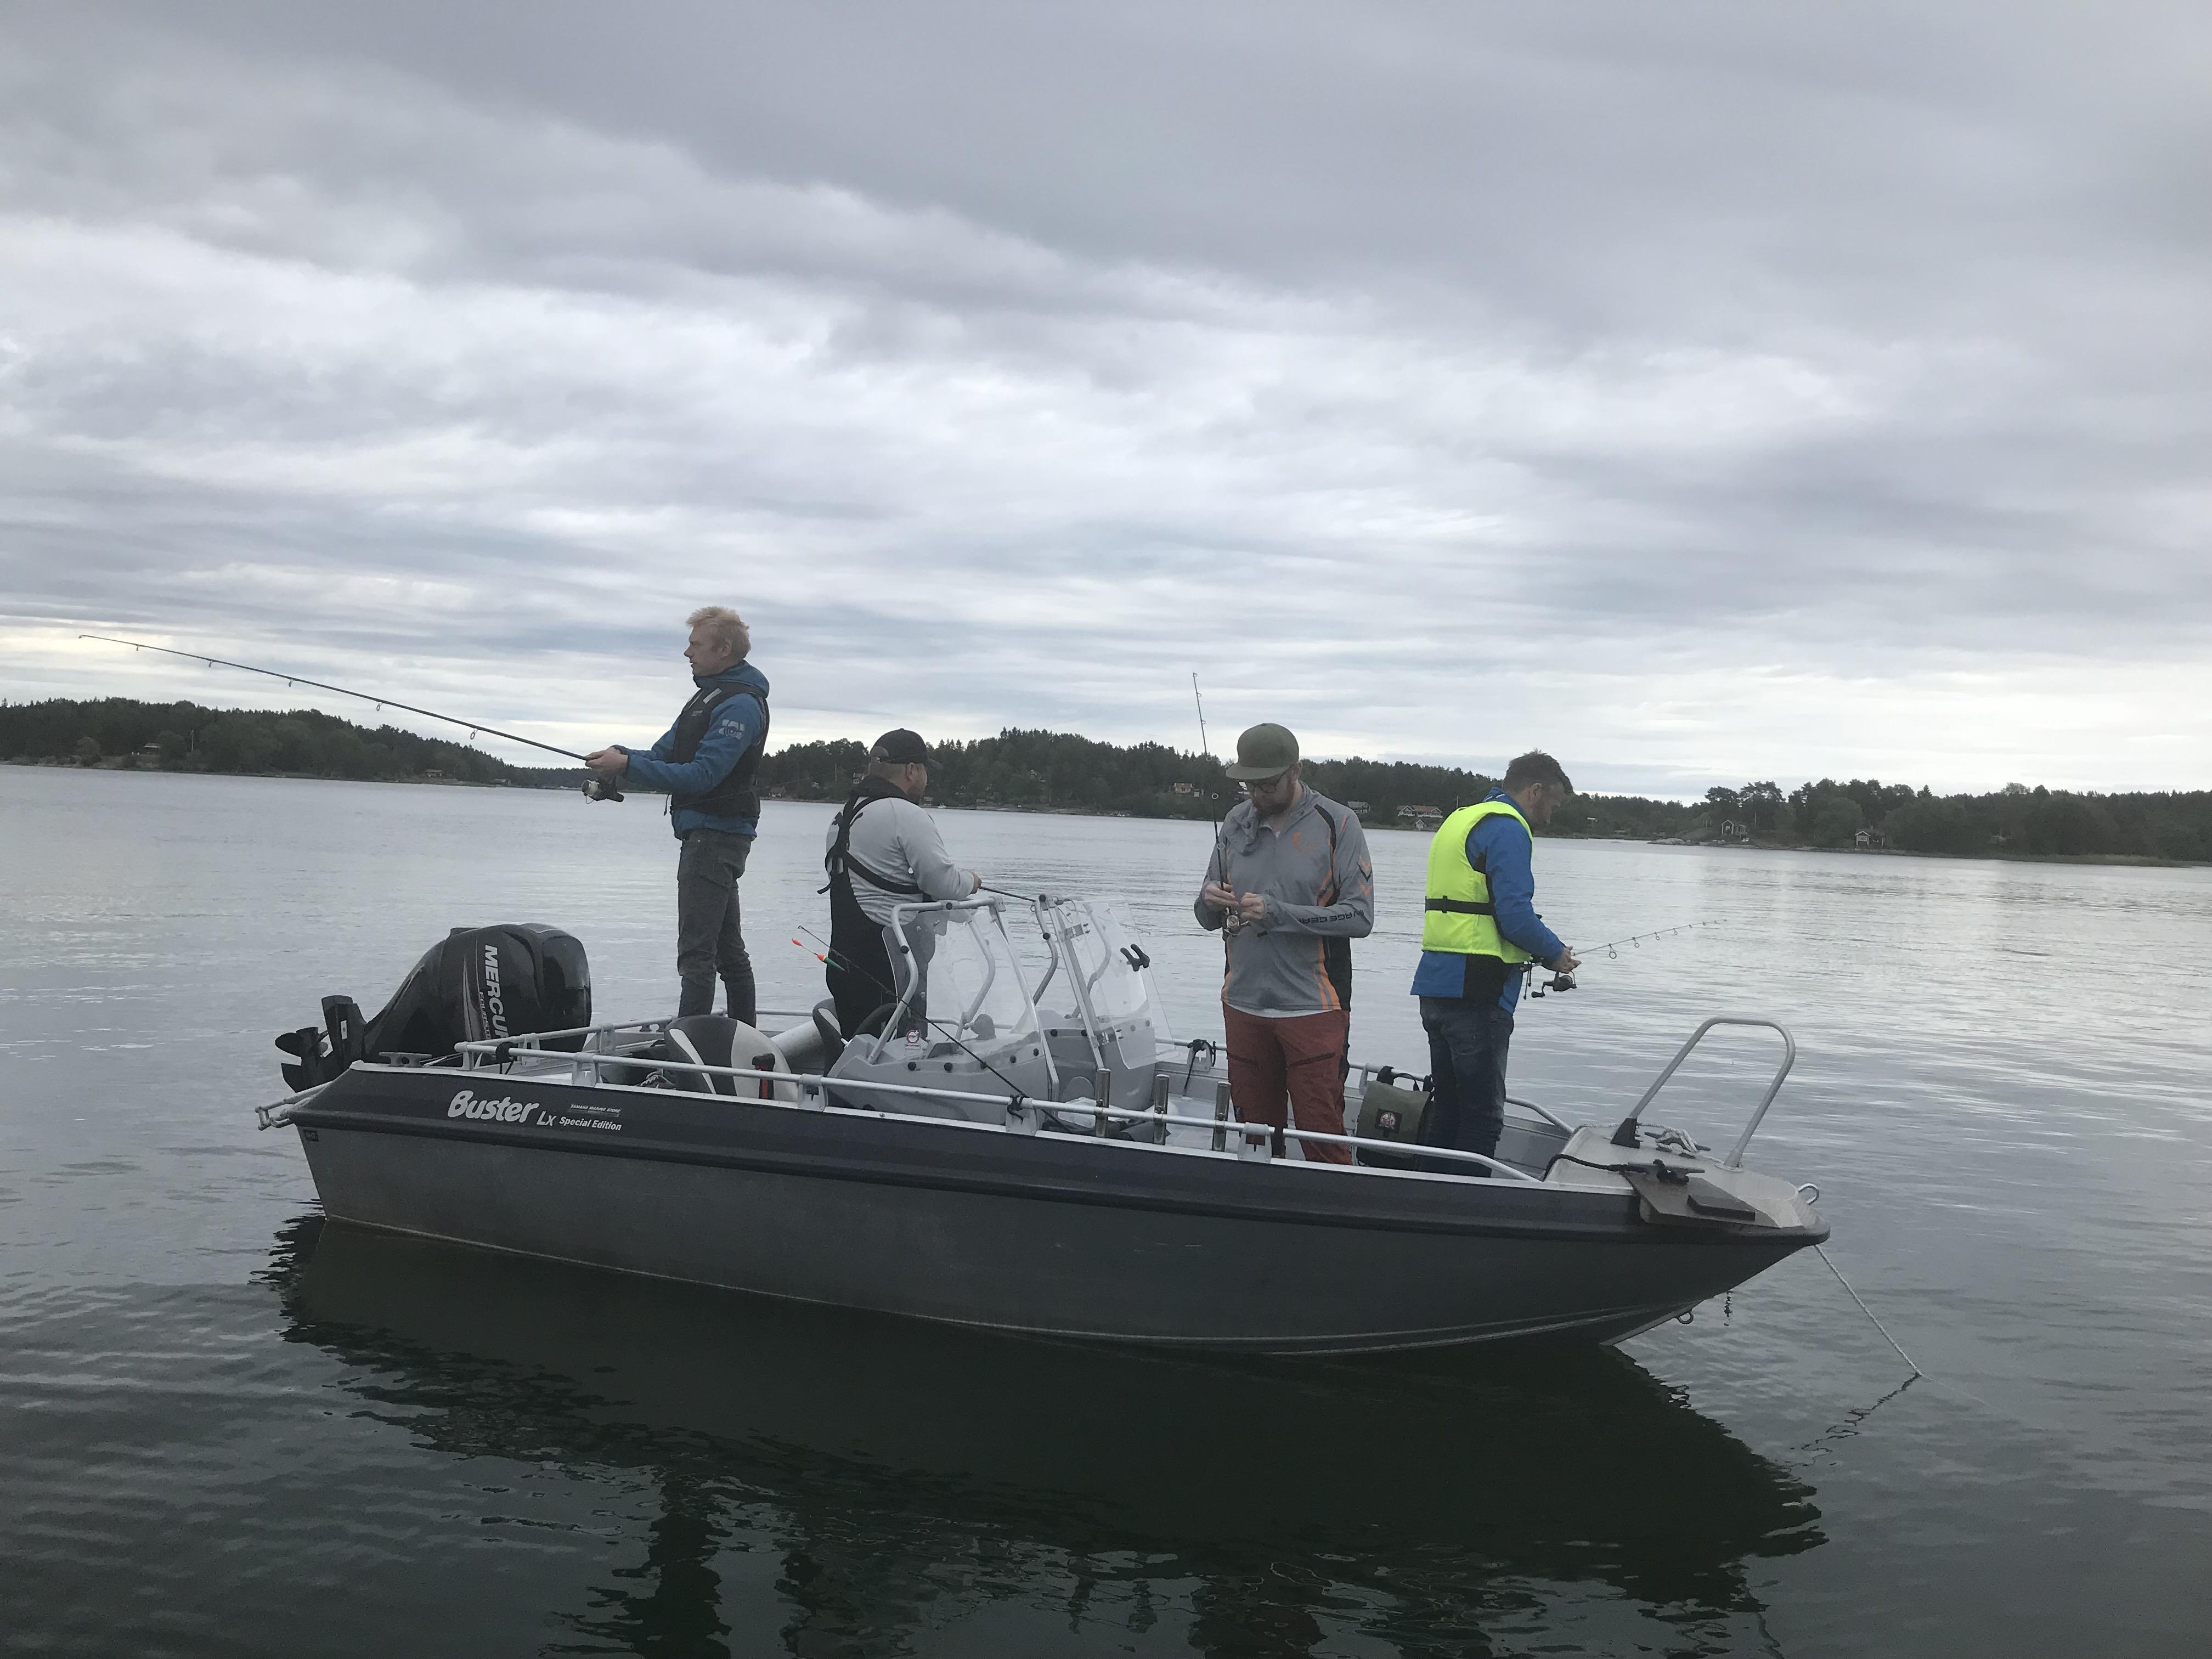 Några personer på en båt